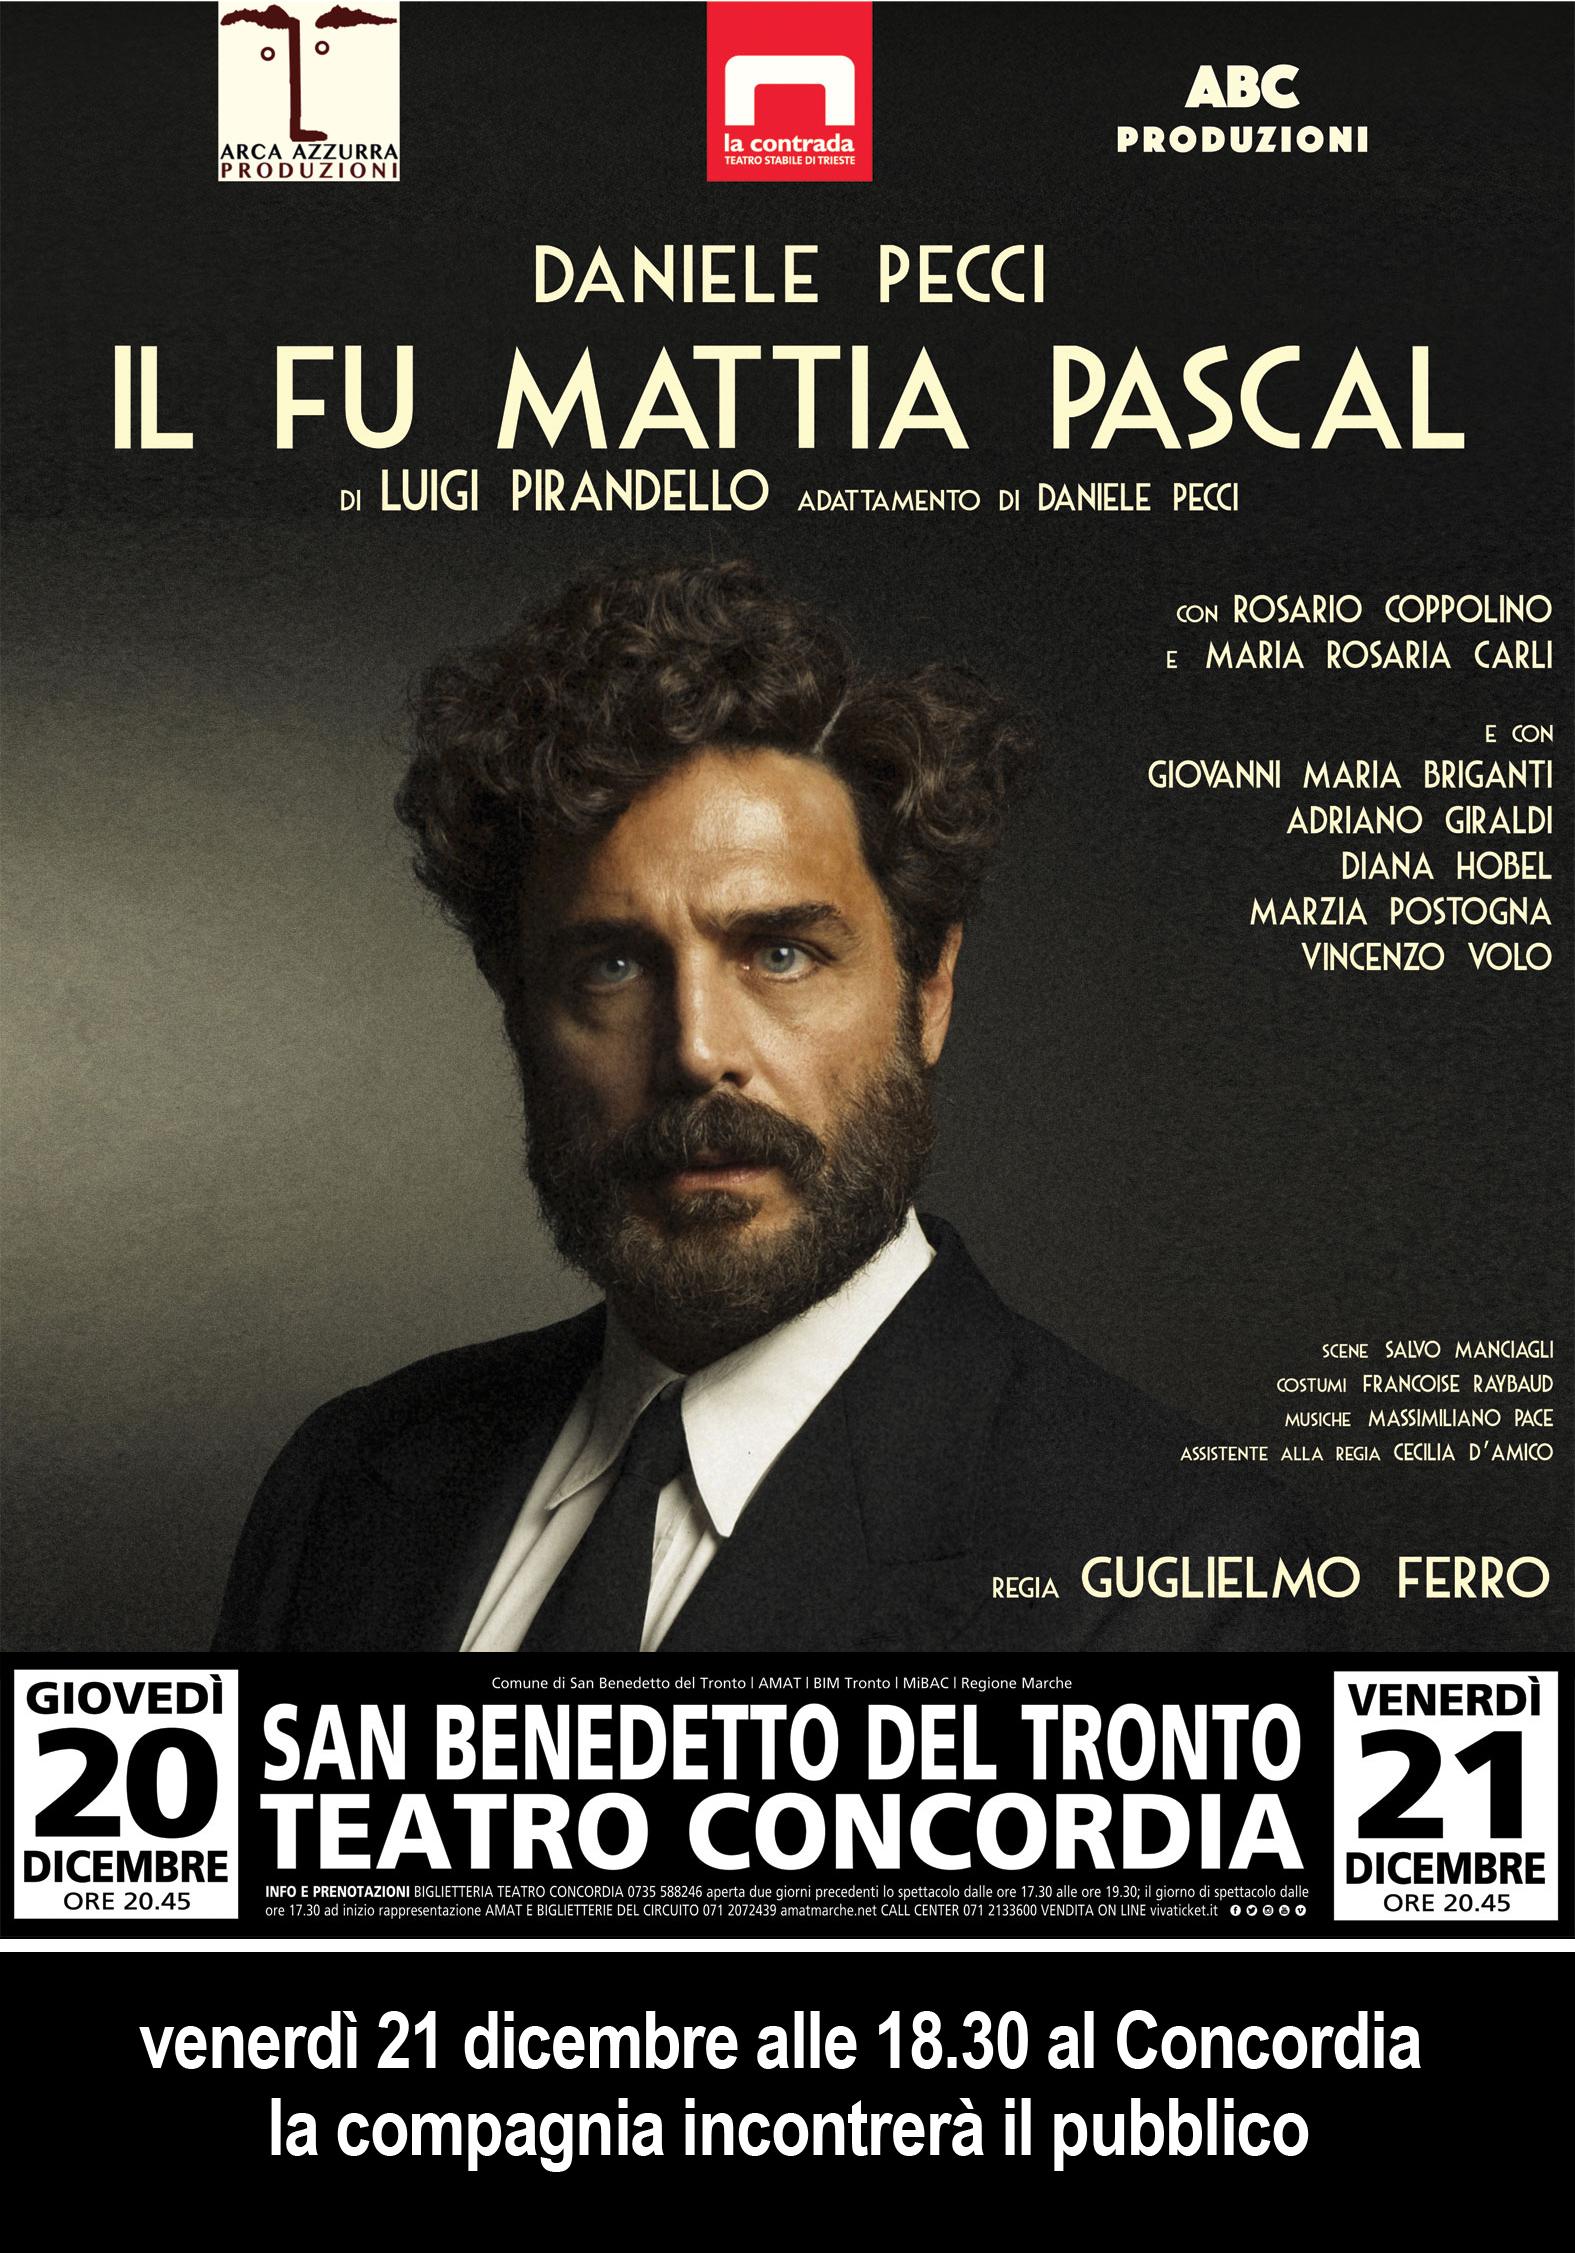 Incontri con il teatro, venerdì 21 dicembre Daniele Pecci dialoga con il pubblico